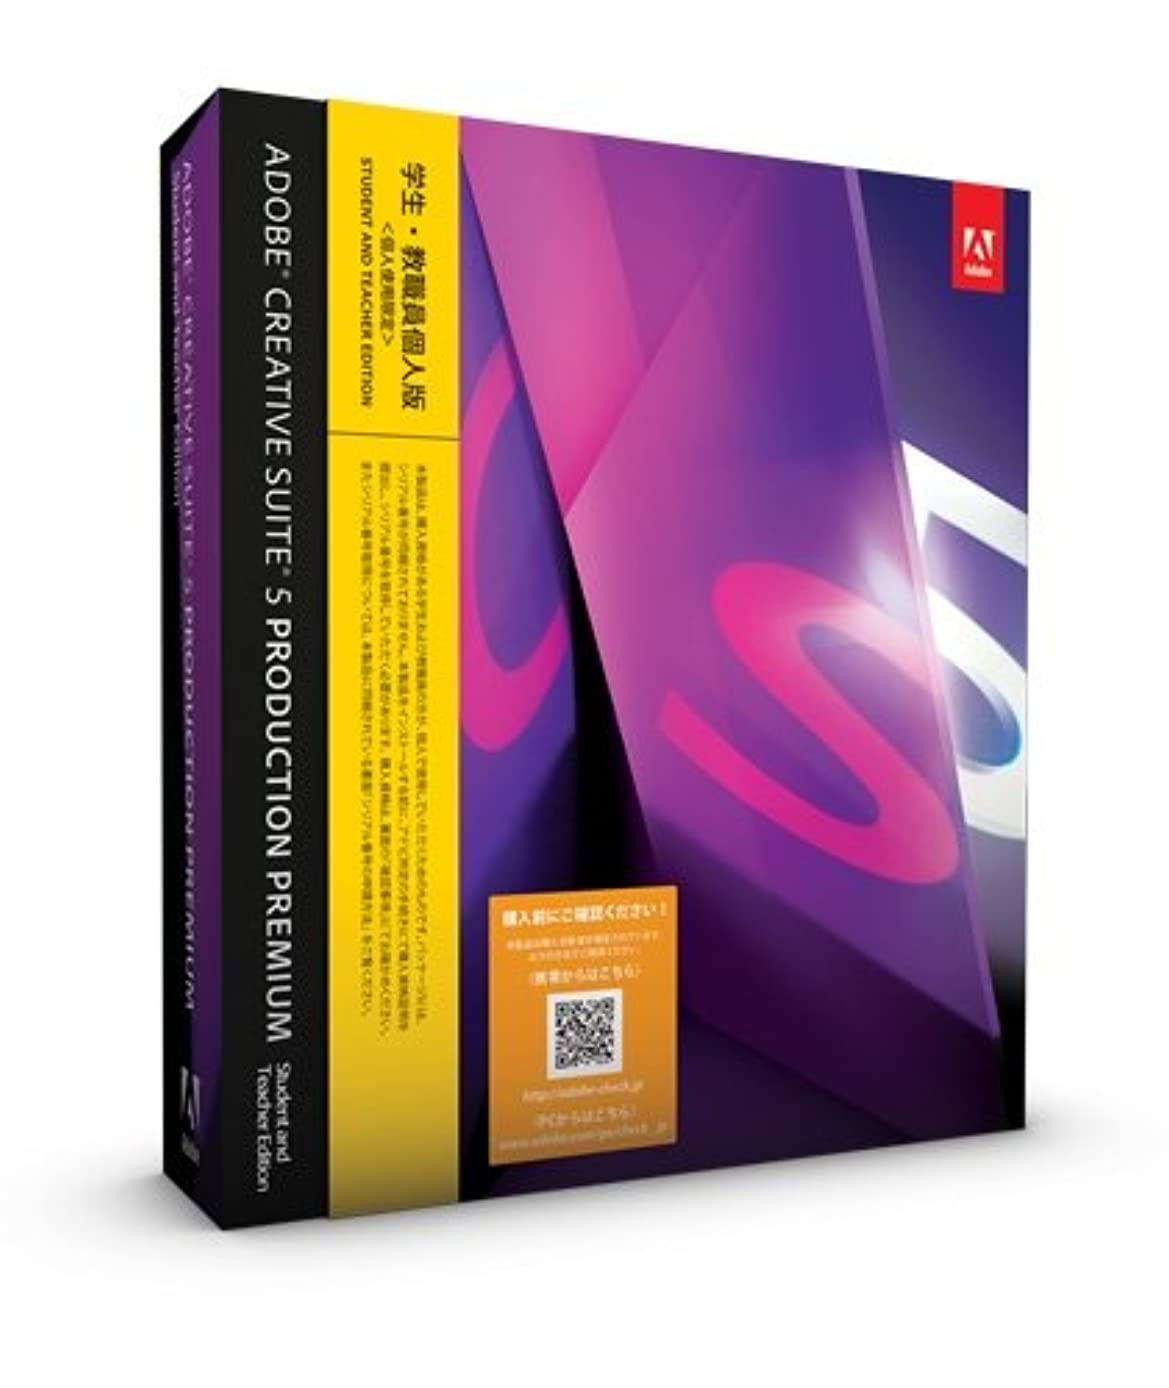 馬鹿げた事依存学生?教職員個人版 Adobe Creative Suite 5 Production Premium Windows版 (要シリアル番号申請)